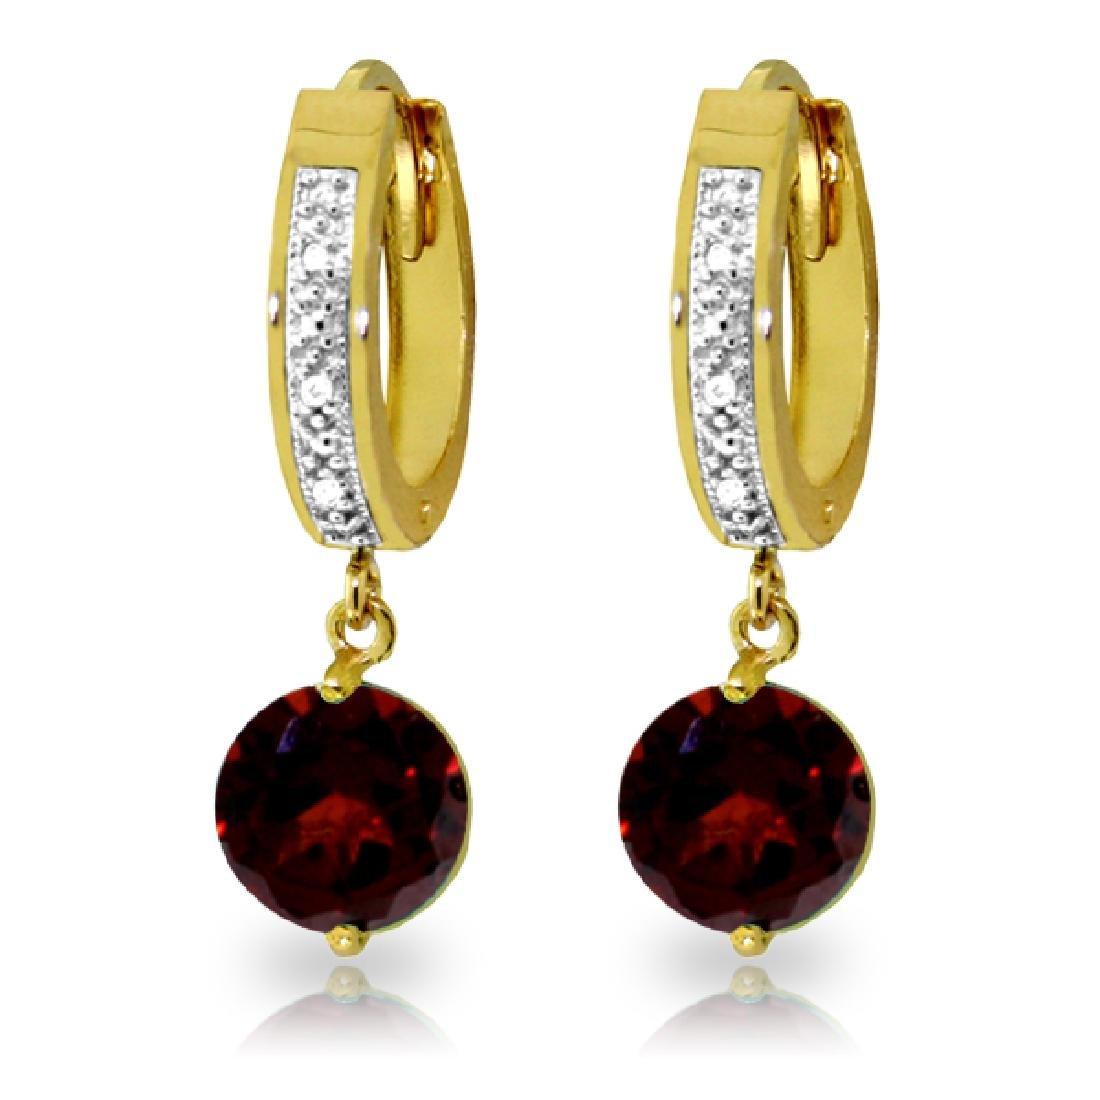 Genuine 2.53 ctw Garnet & Diamond Earrings Jewelry 14KT